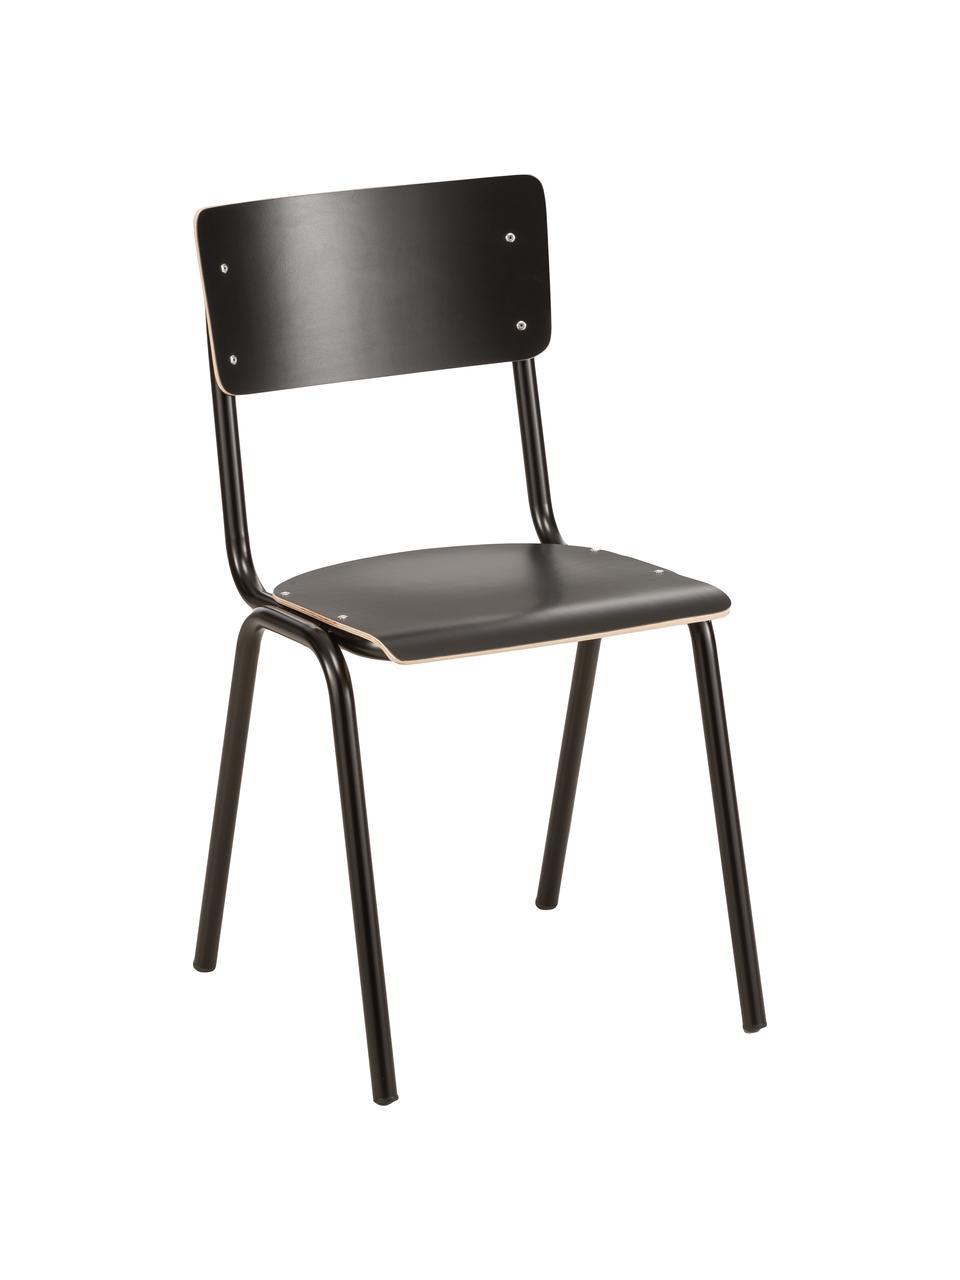 Sillas Back to School, 4uds., Patas: metal con pintado en polv, Asiento: laminado, Negro, An 43 x Al 47 cm